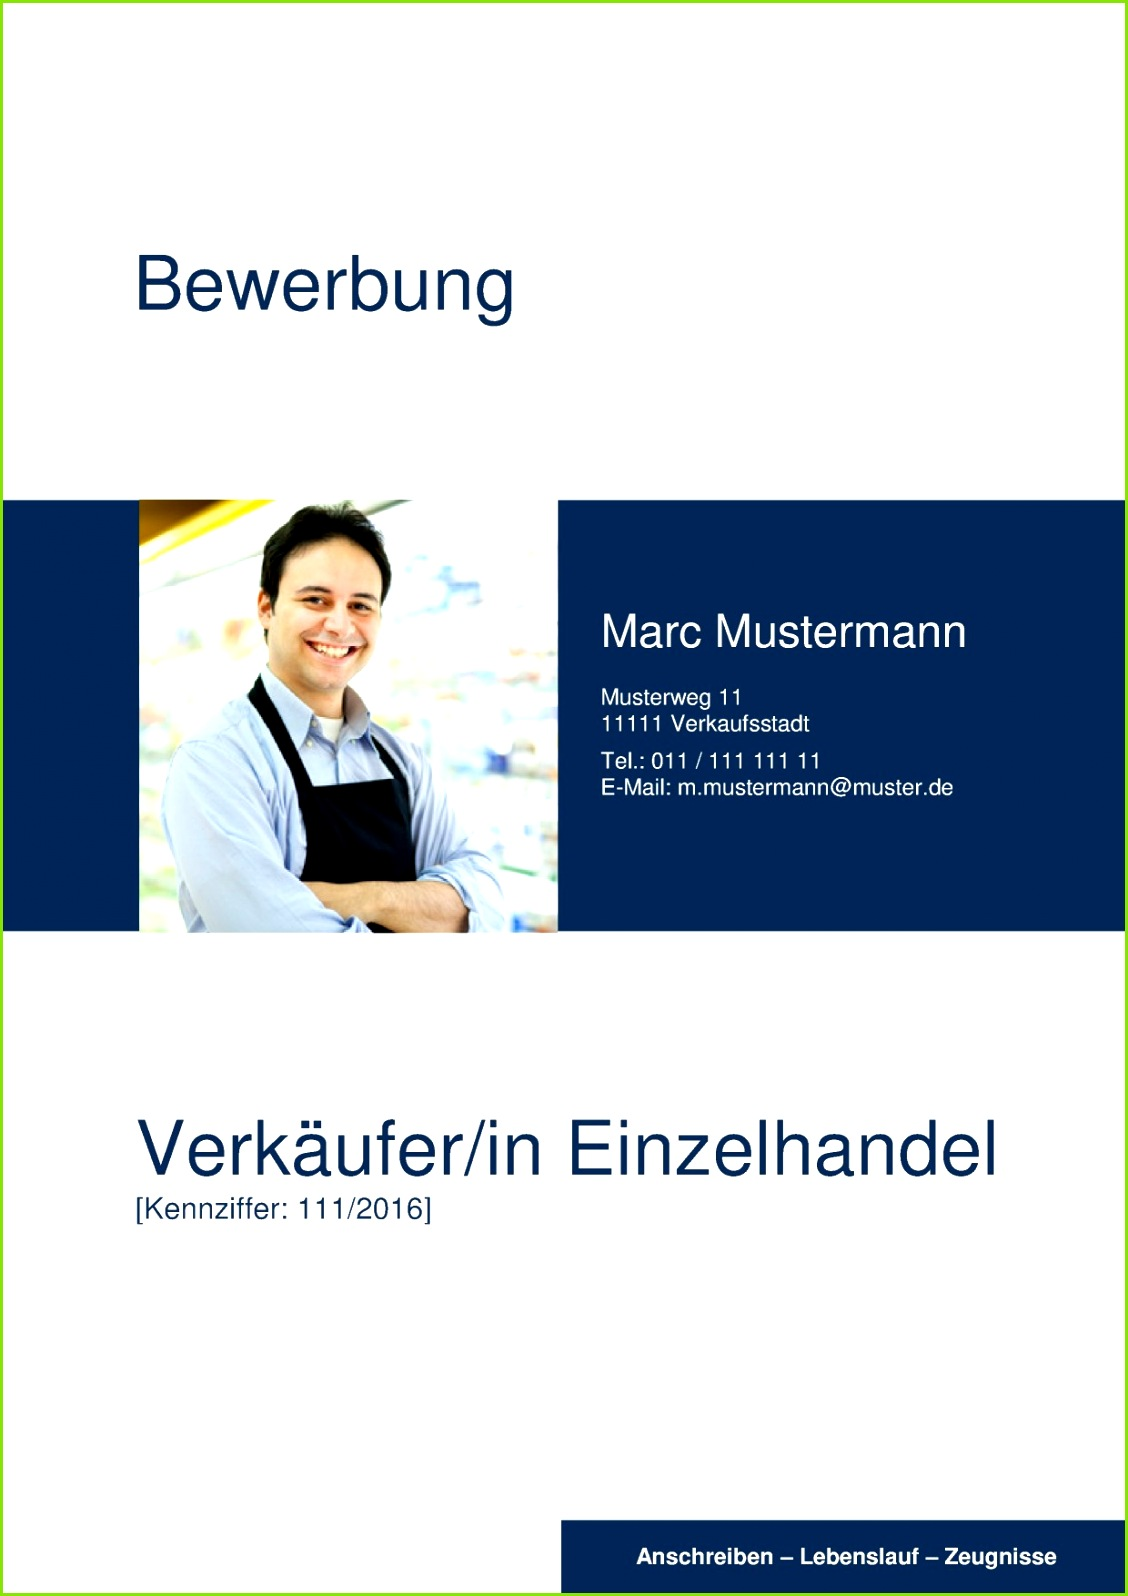 Deckblatt Bewerbung 03 Deckblatt für Verkäufer und Verkäuferinnen